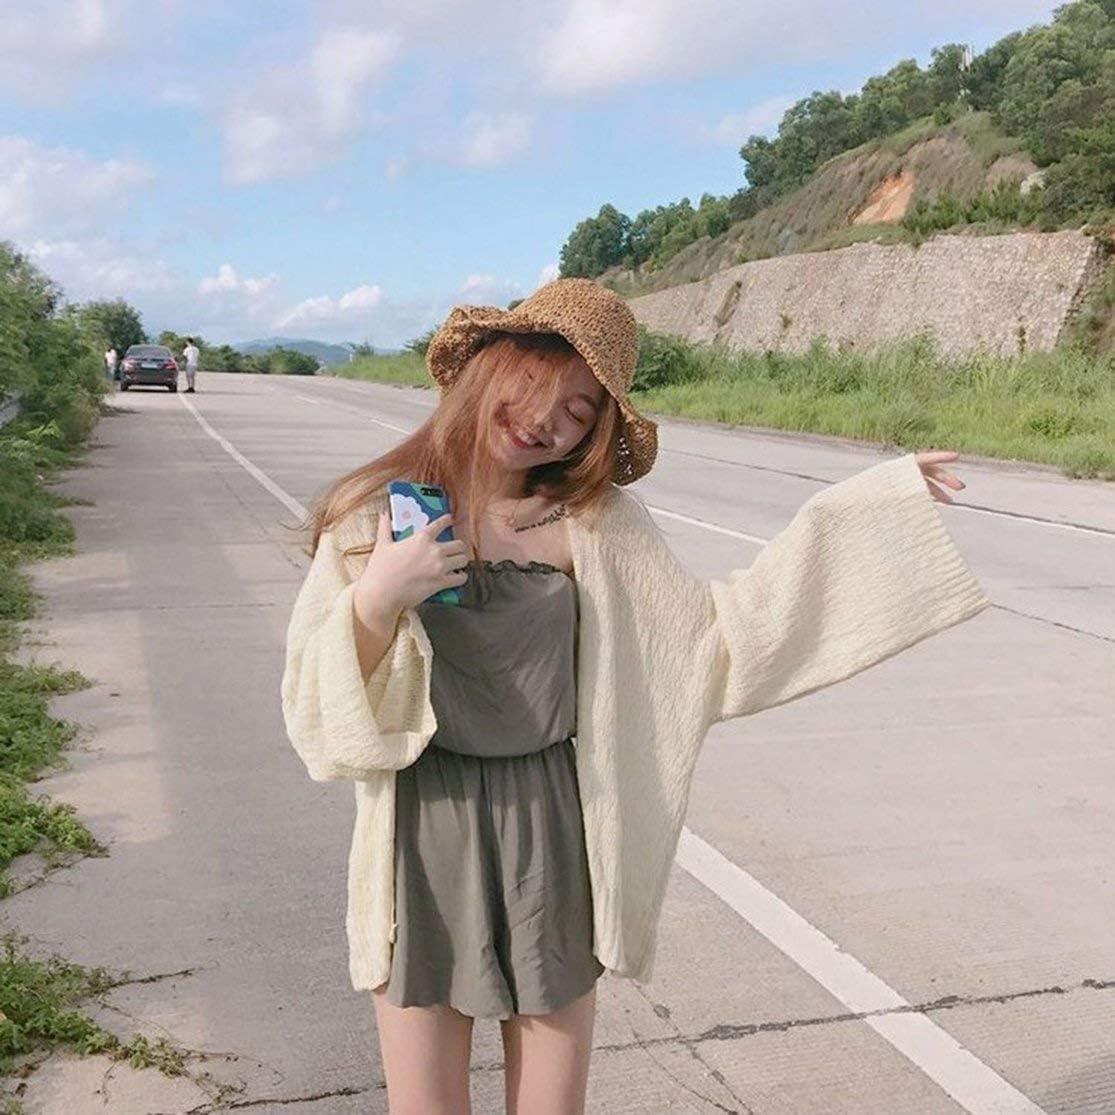 LouiseEvel215 Vintage Chic Wind Style Mujer Cárdigan de Punto Estilo Suelto de Verano Manga Larga Ropa a Juego Todas Las señoras Abrigos de protección Solar